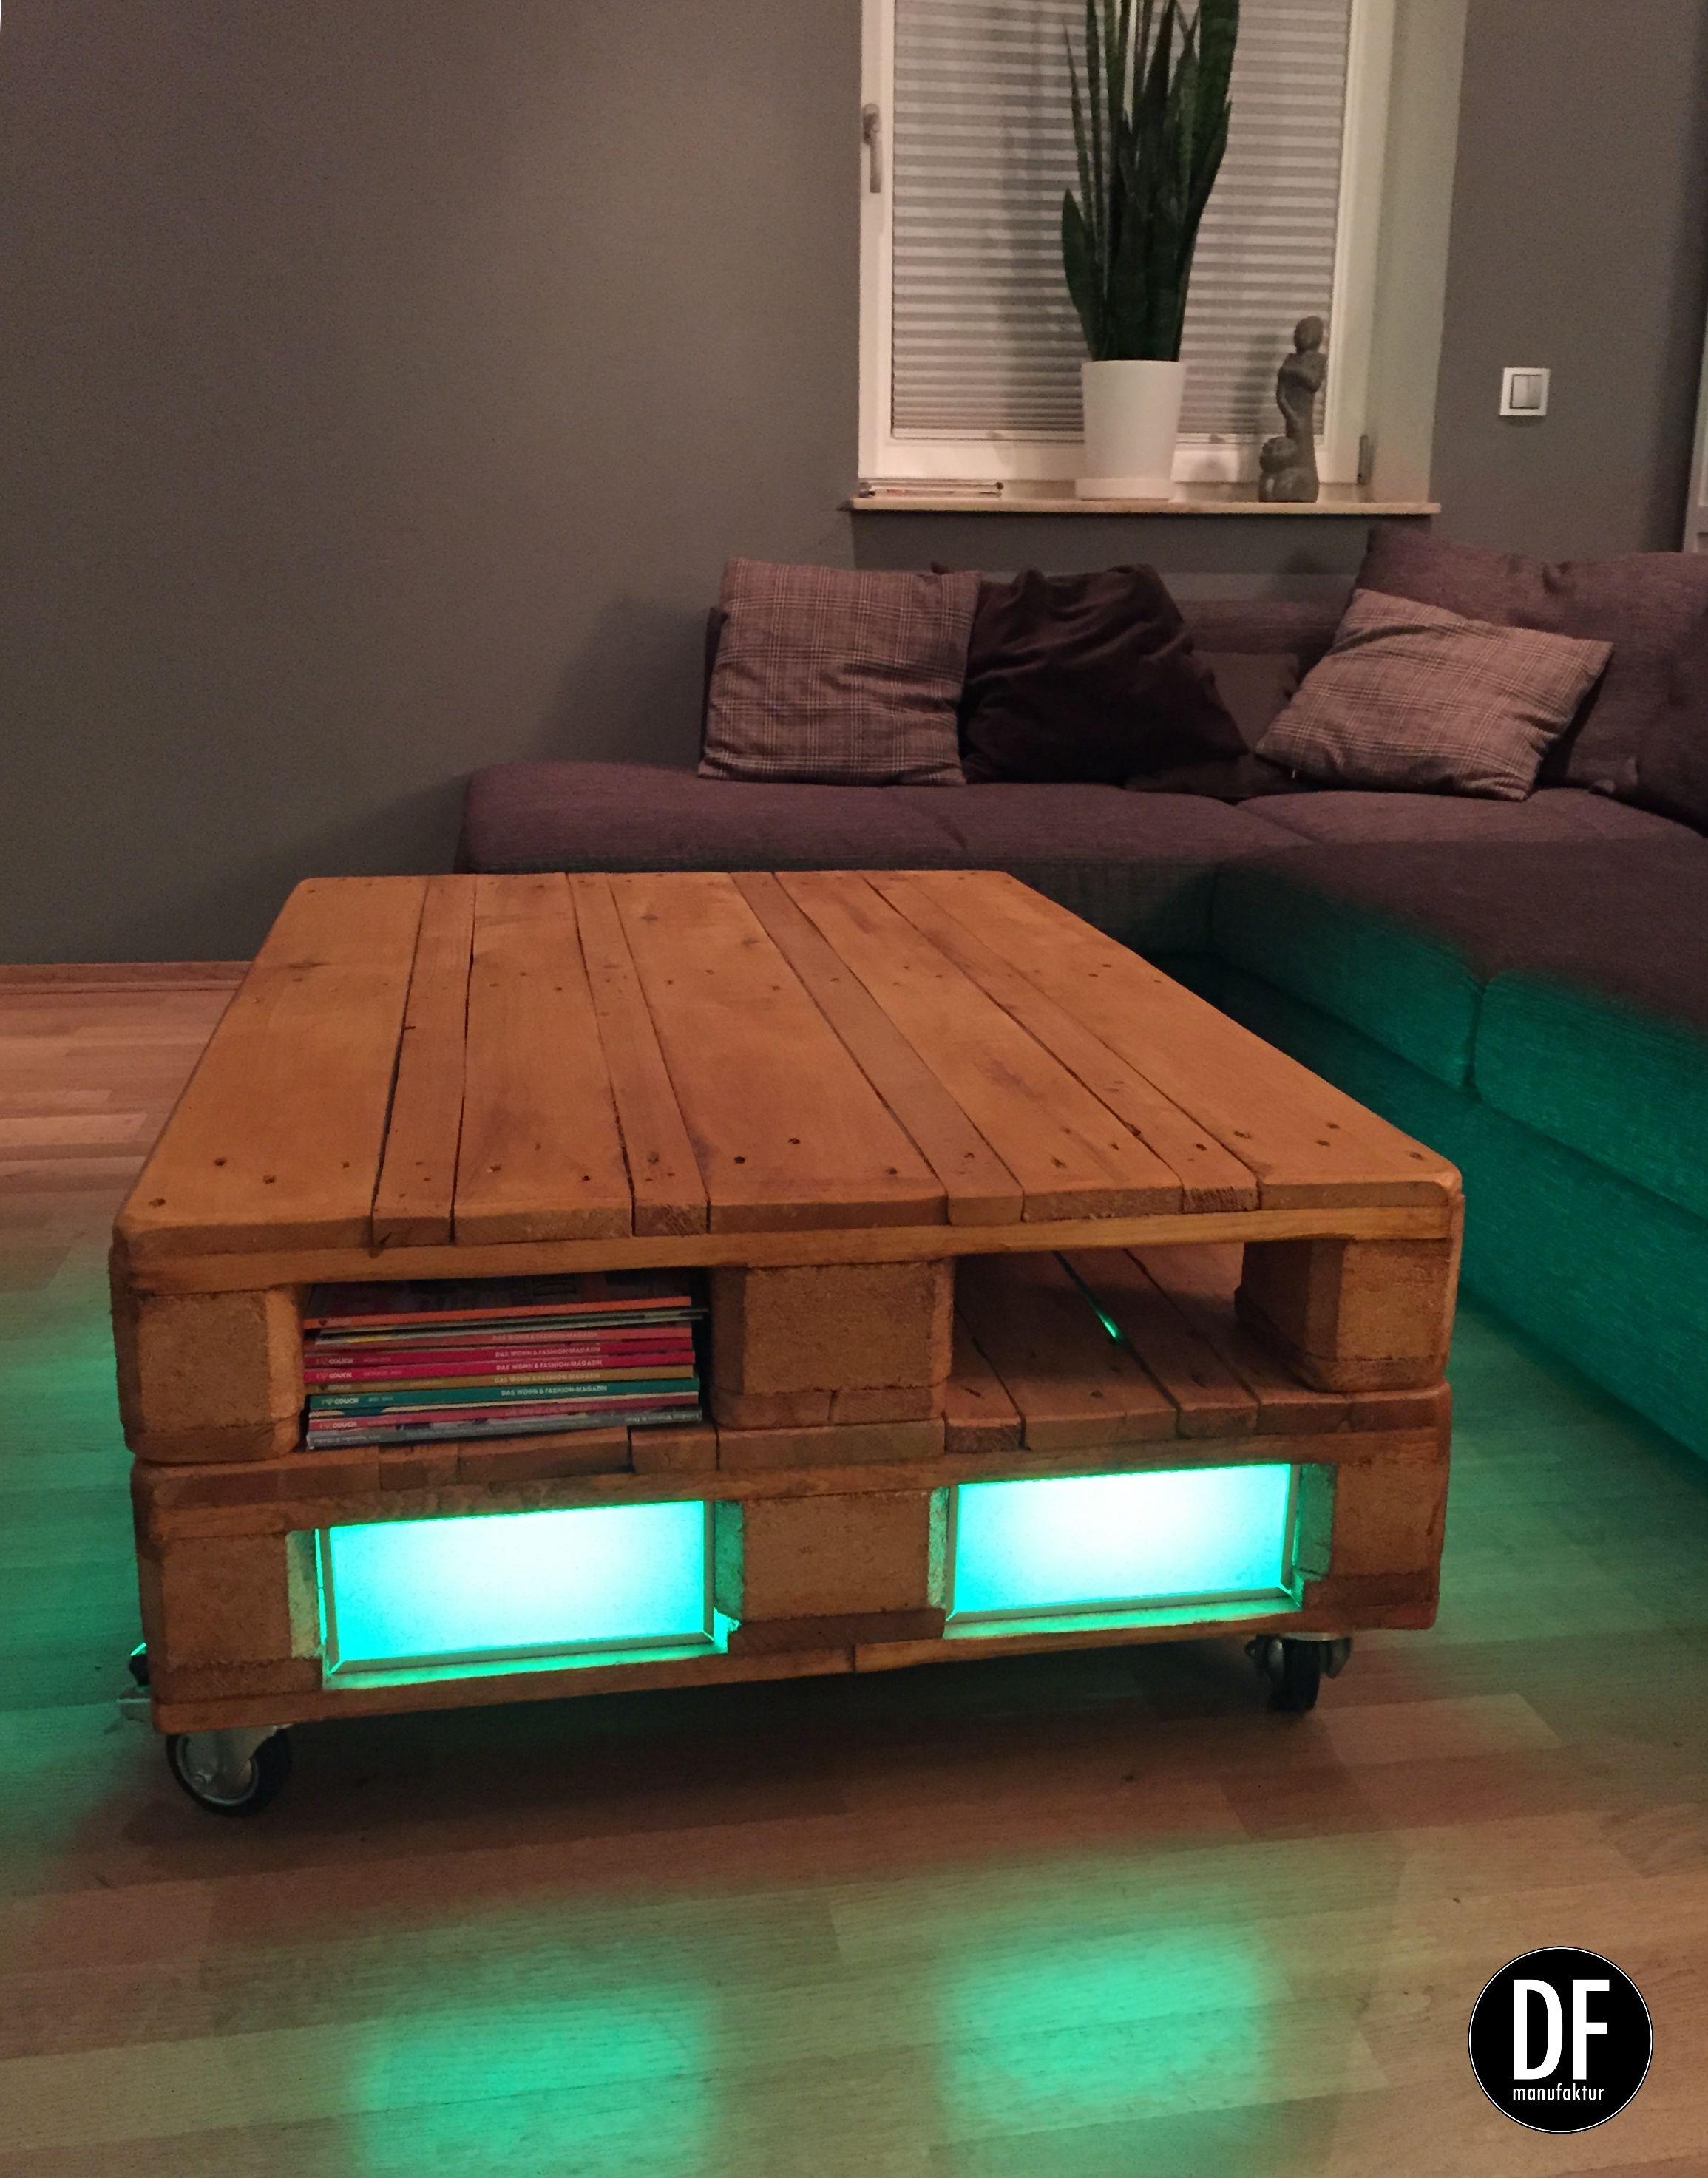 couchtisch madera aus der d f manufaktur tische und mehr pinterest tisch couchtisch und. Black Bedroom Furniture Sets. Home Design Ideas